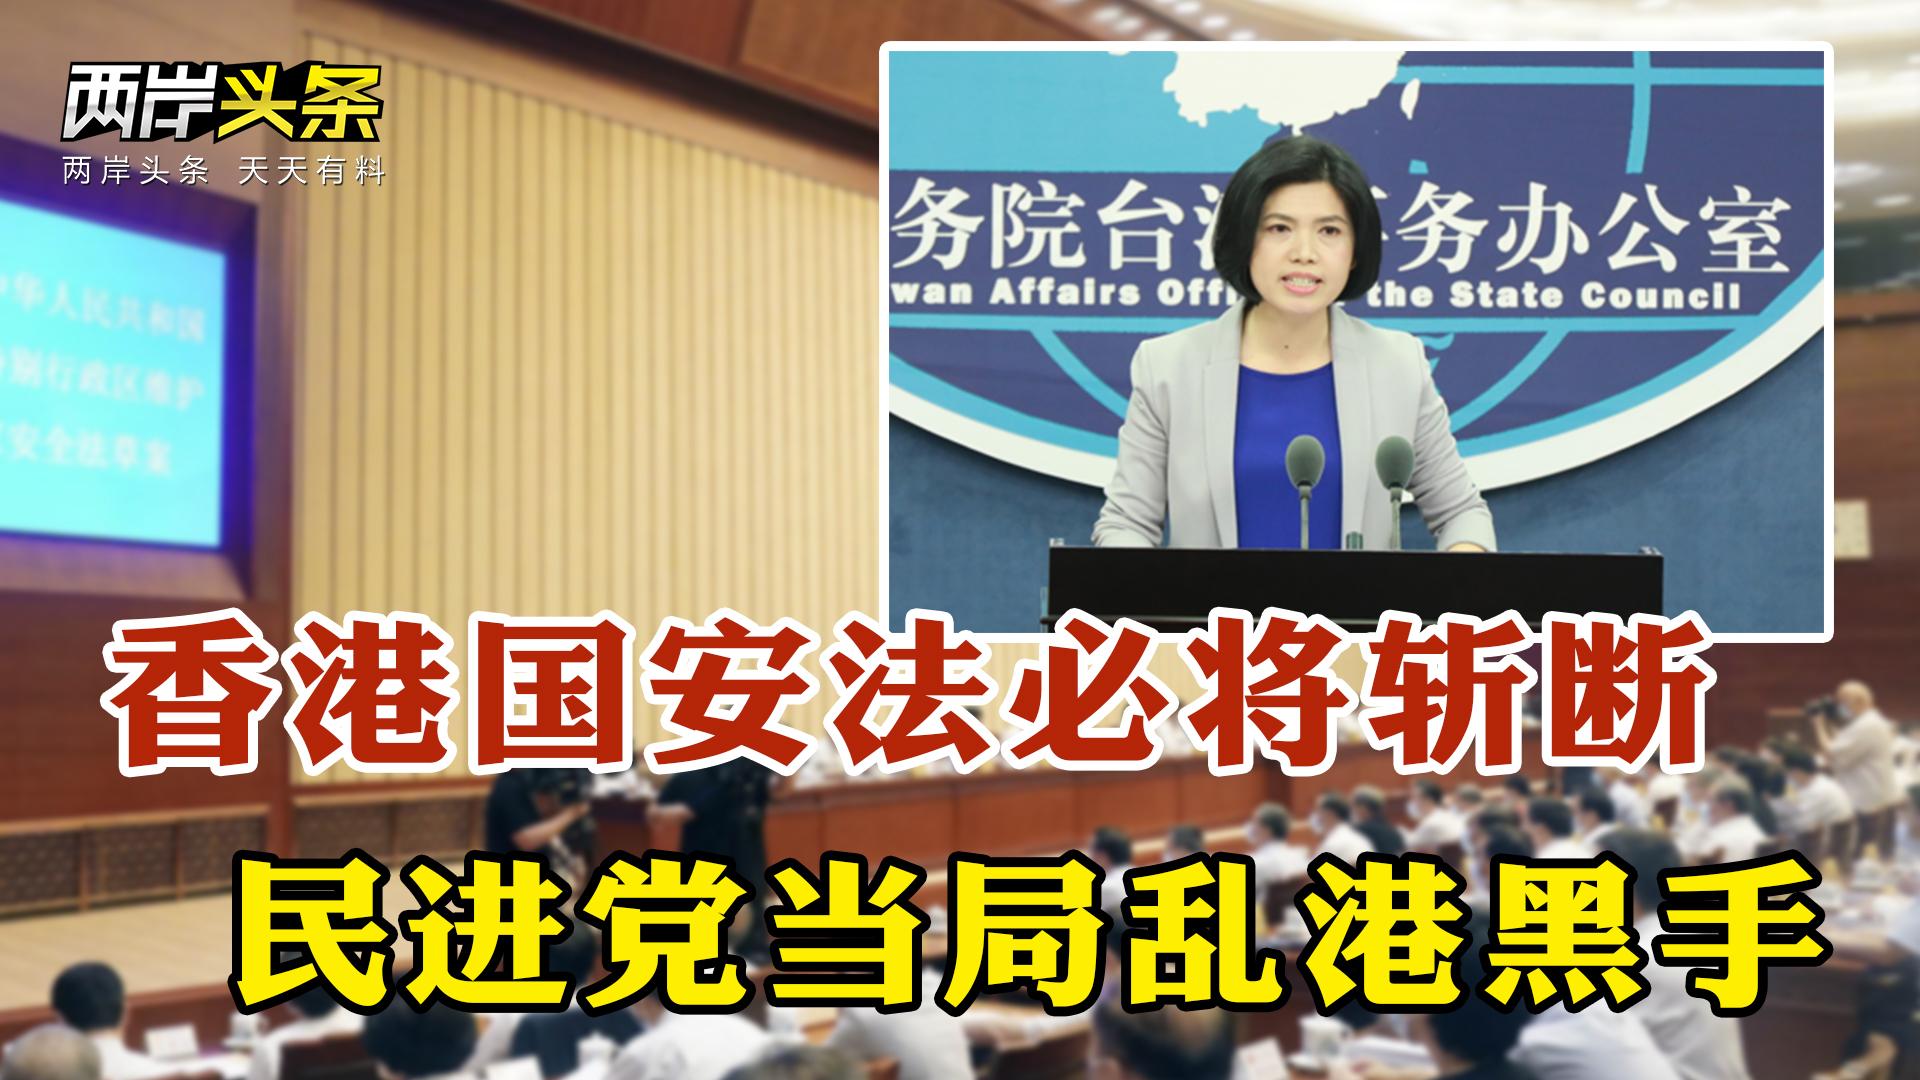 民進黨攻擊香港國安法國臺辦發聲歐盟解封未含臺灣 島內迎5G時代圖片